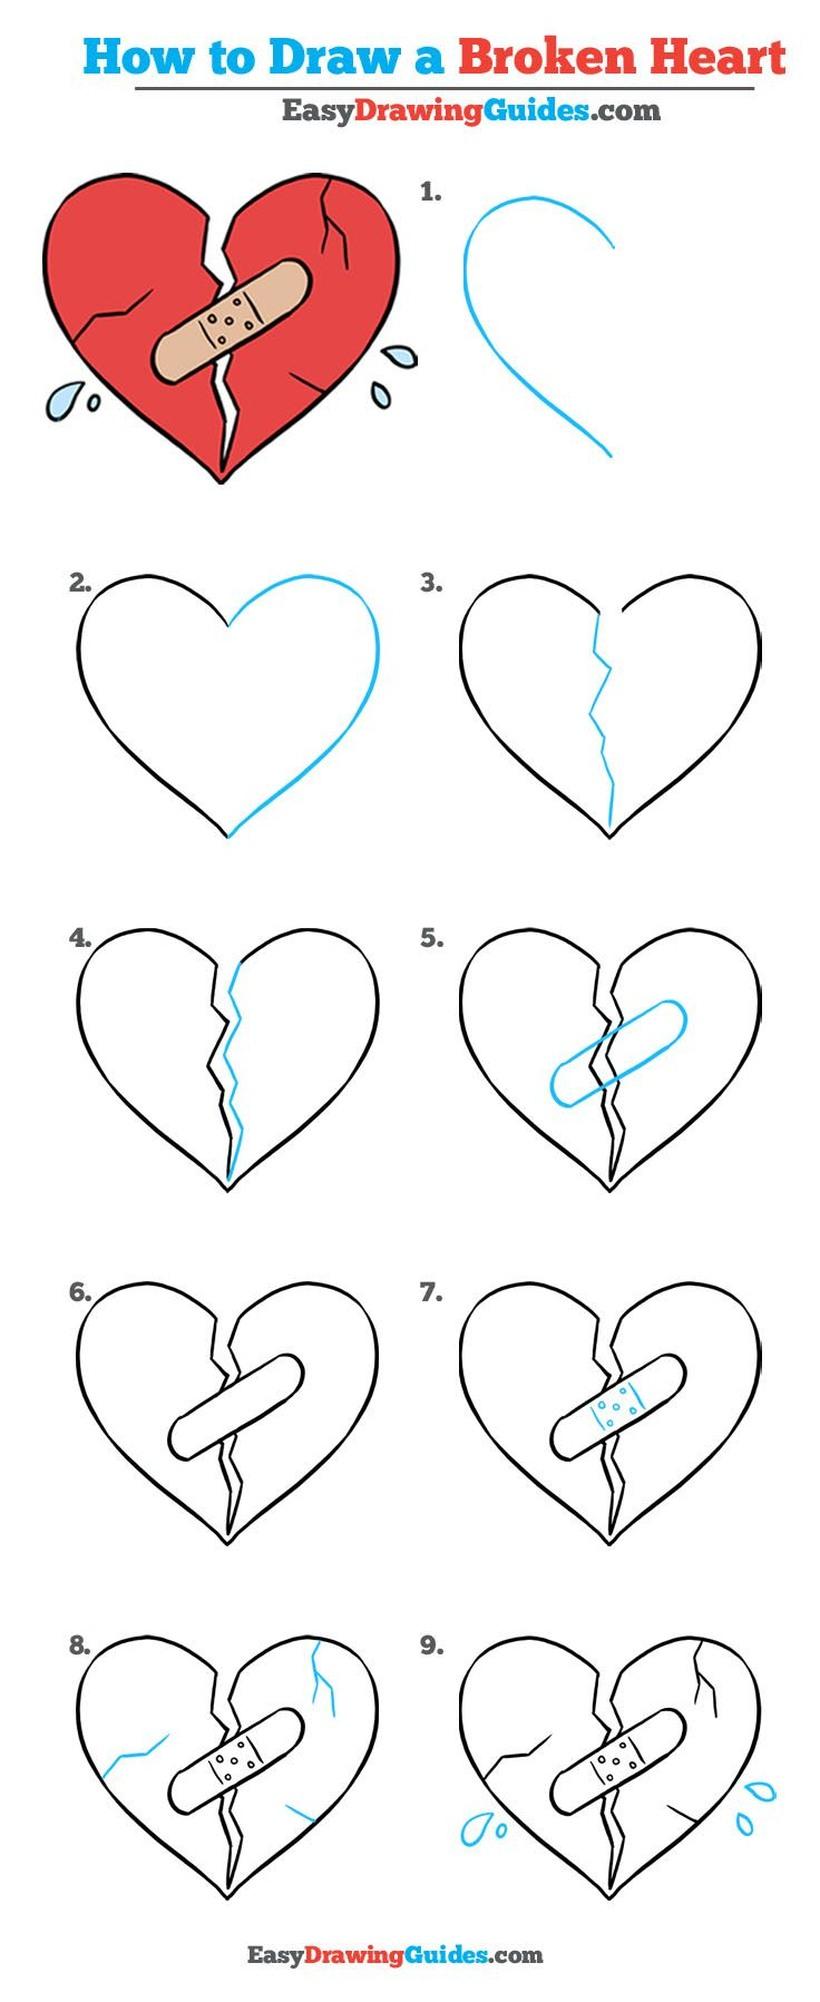 dibujos fáciles de corazones rotos a lápiz paso a paso corazón herido con venda sad